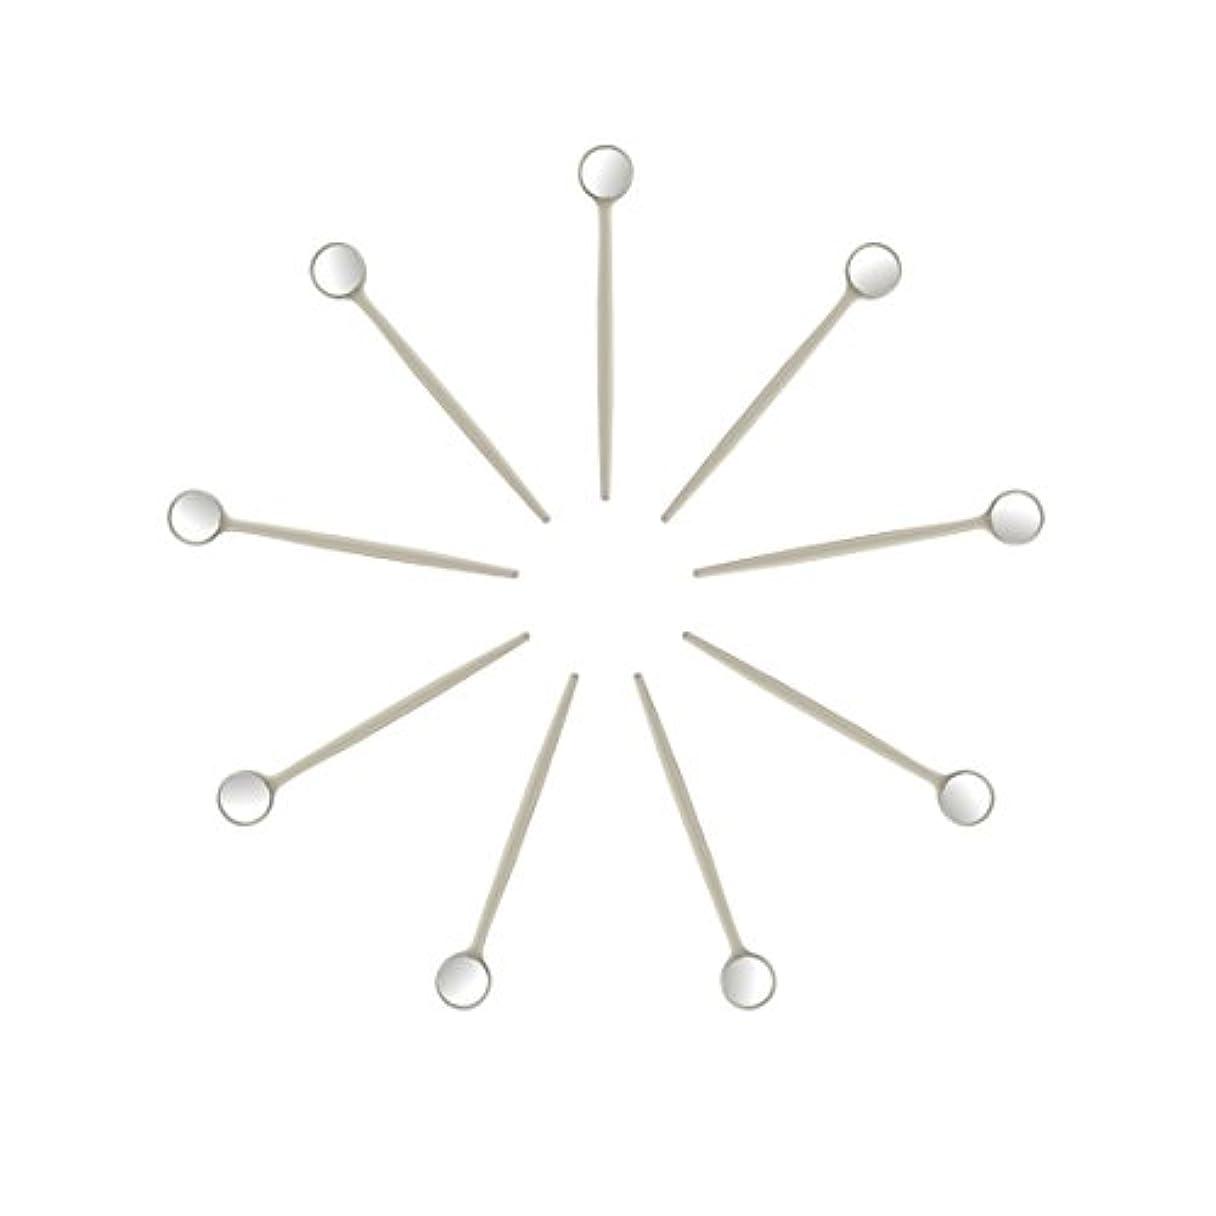 立方体インポート役立つEZGO 100個入無料の保護梱包を備えた歯科口腔鏡、各ミラーを個別に梱包(100個入り)